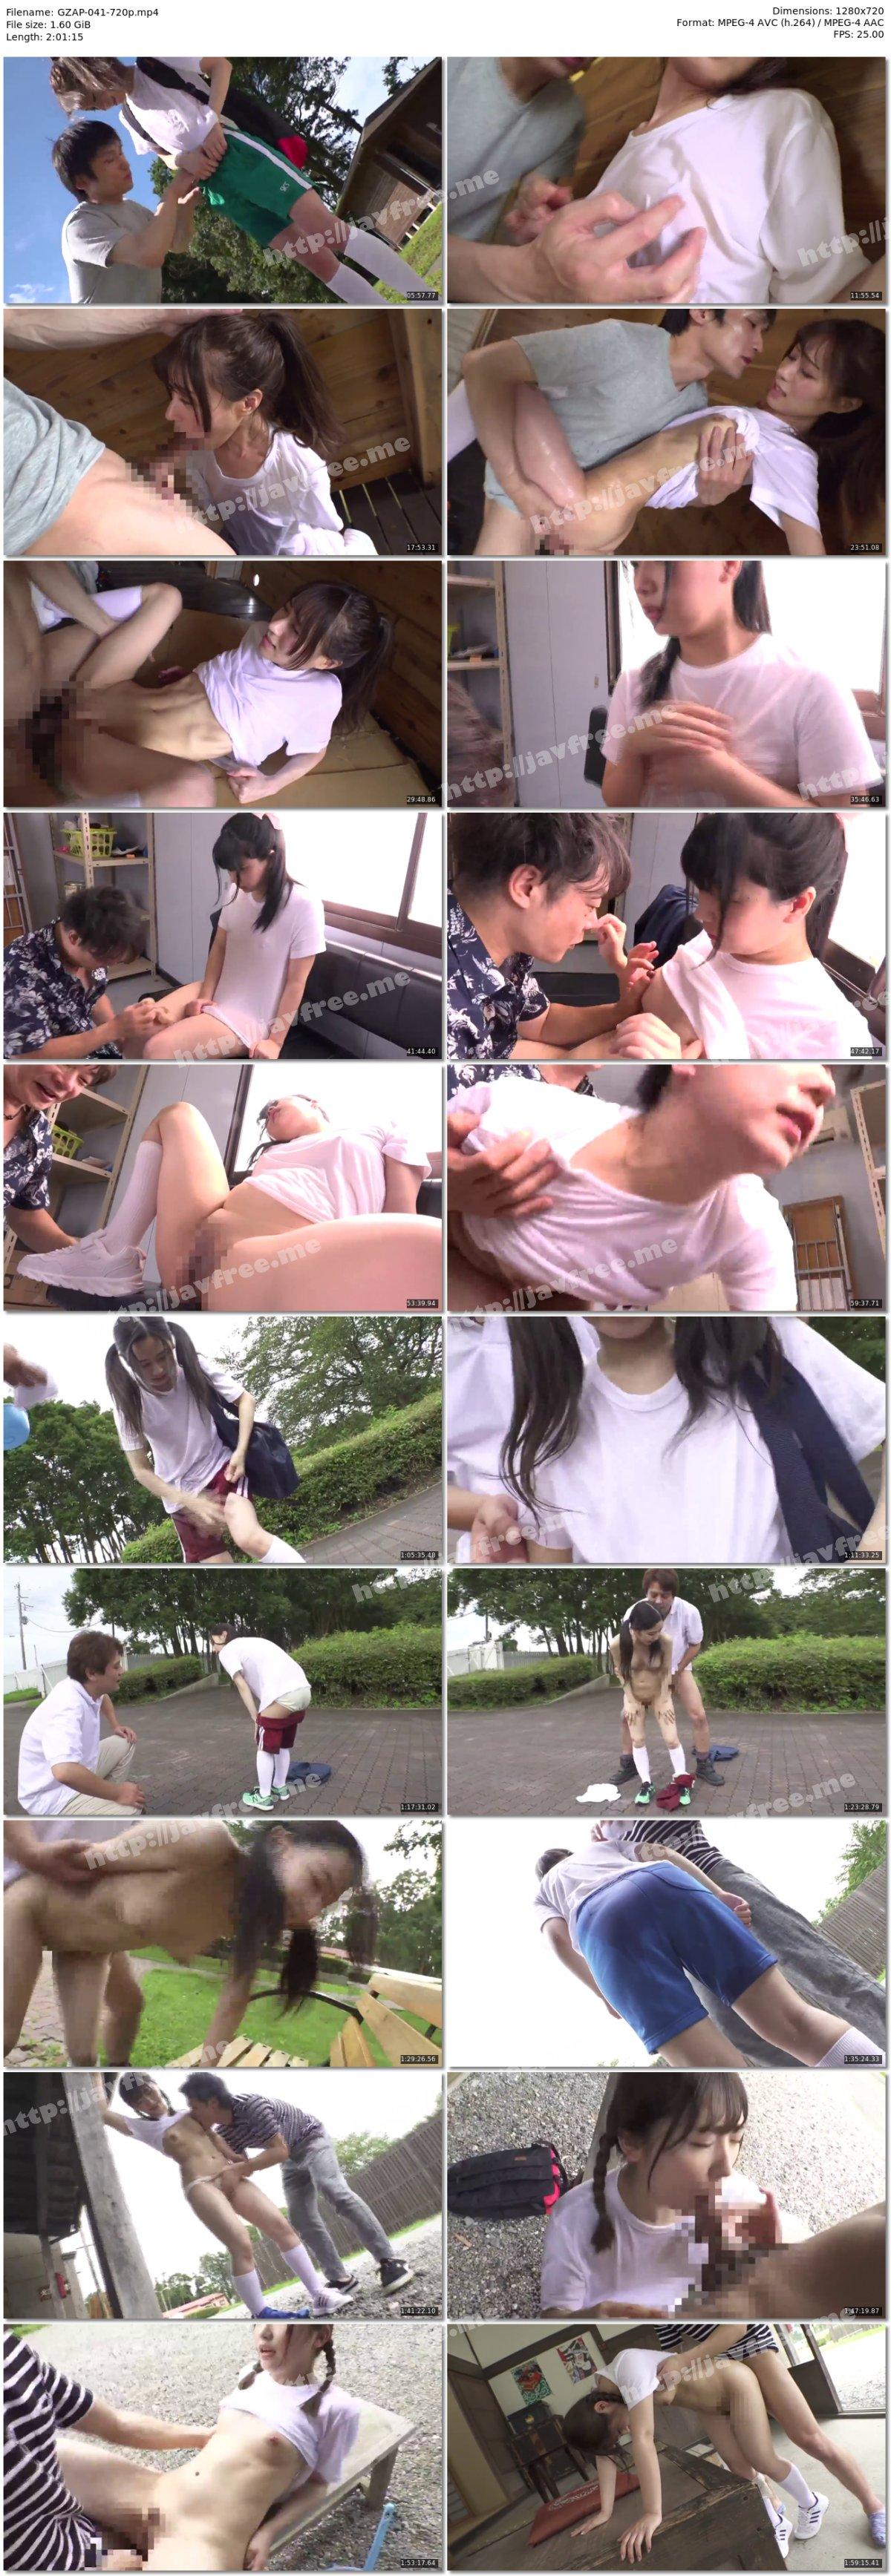 [HD][GZAP-041] 打ち水媚薬でびしょ濡れ発情した部活帰りの貧乳美少女が敏感になった乳首をこねくり回され中出し懇願… - image GZAP-041-720p on https://javfree.me